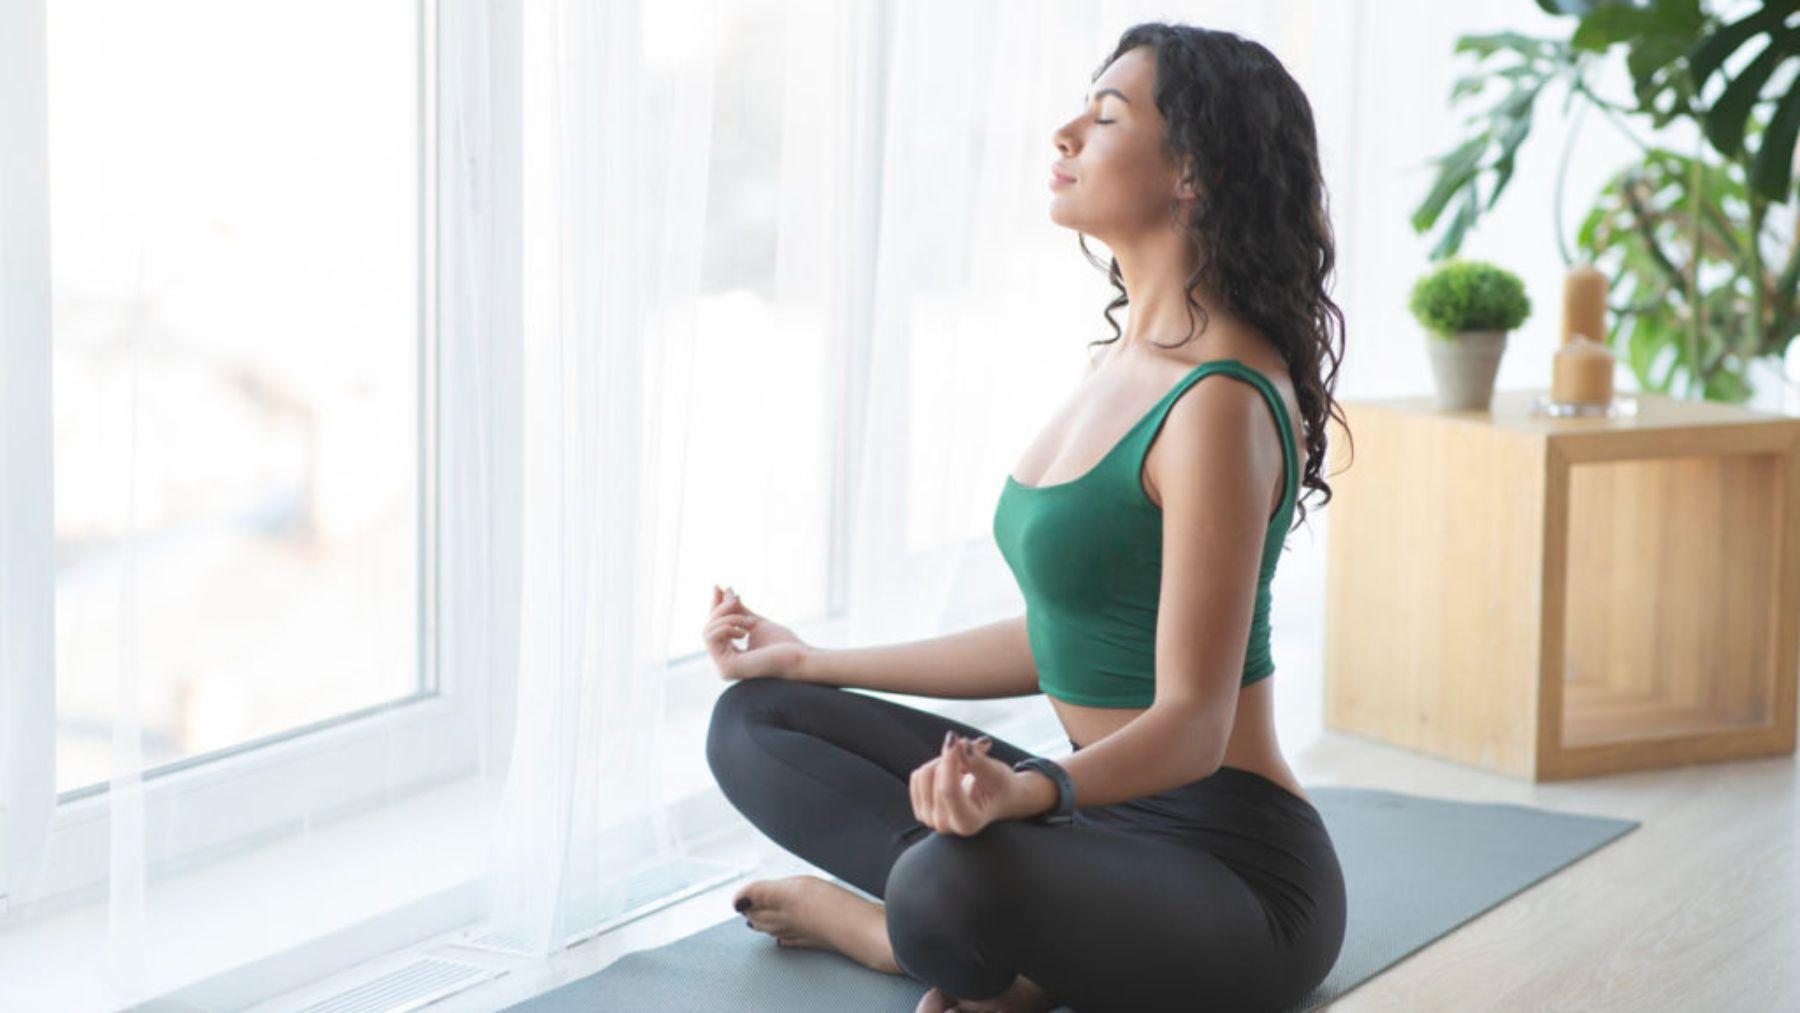 Descubramos para qué sirve y cómo hacer meditación de escaneo corporal